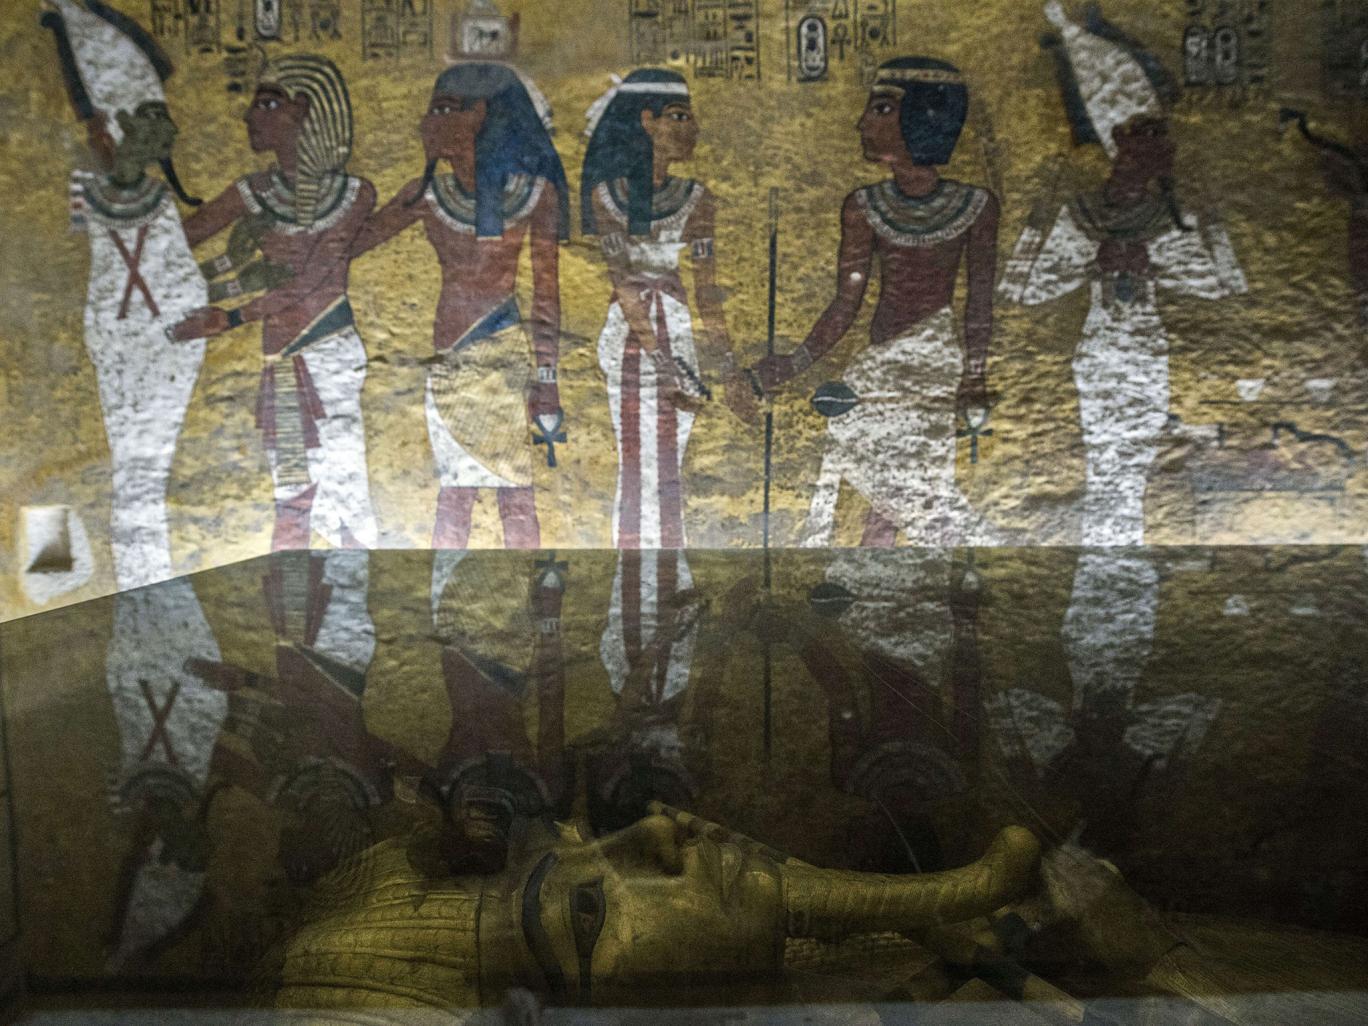 Kızılötesi Testler Tutankamon Mezarındaki Gizli Oda Hakkında Umut Veriyor